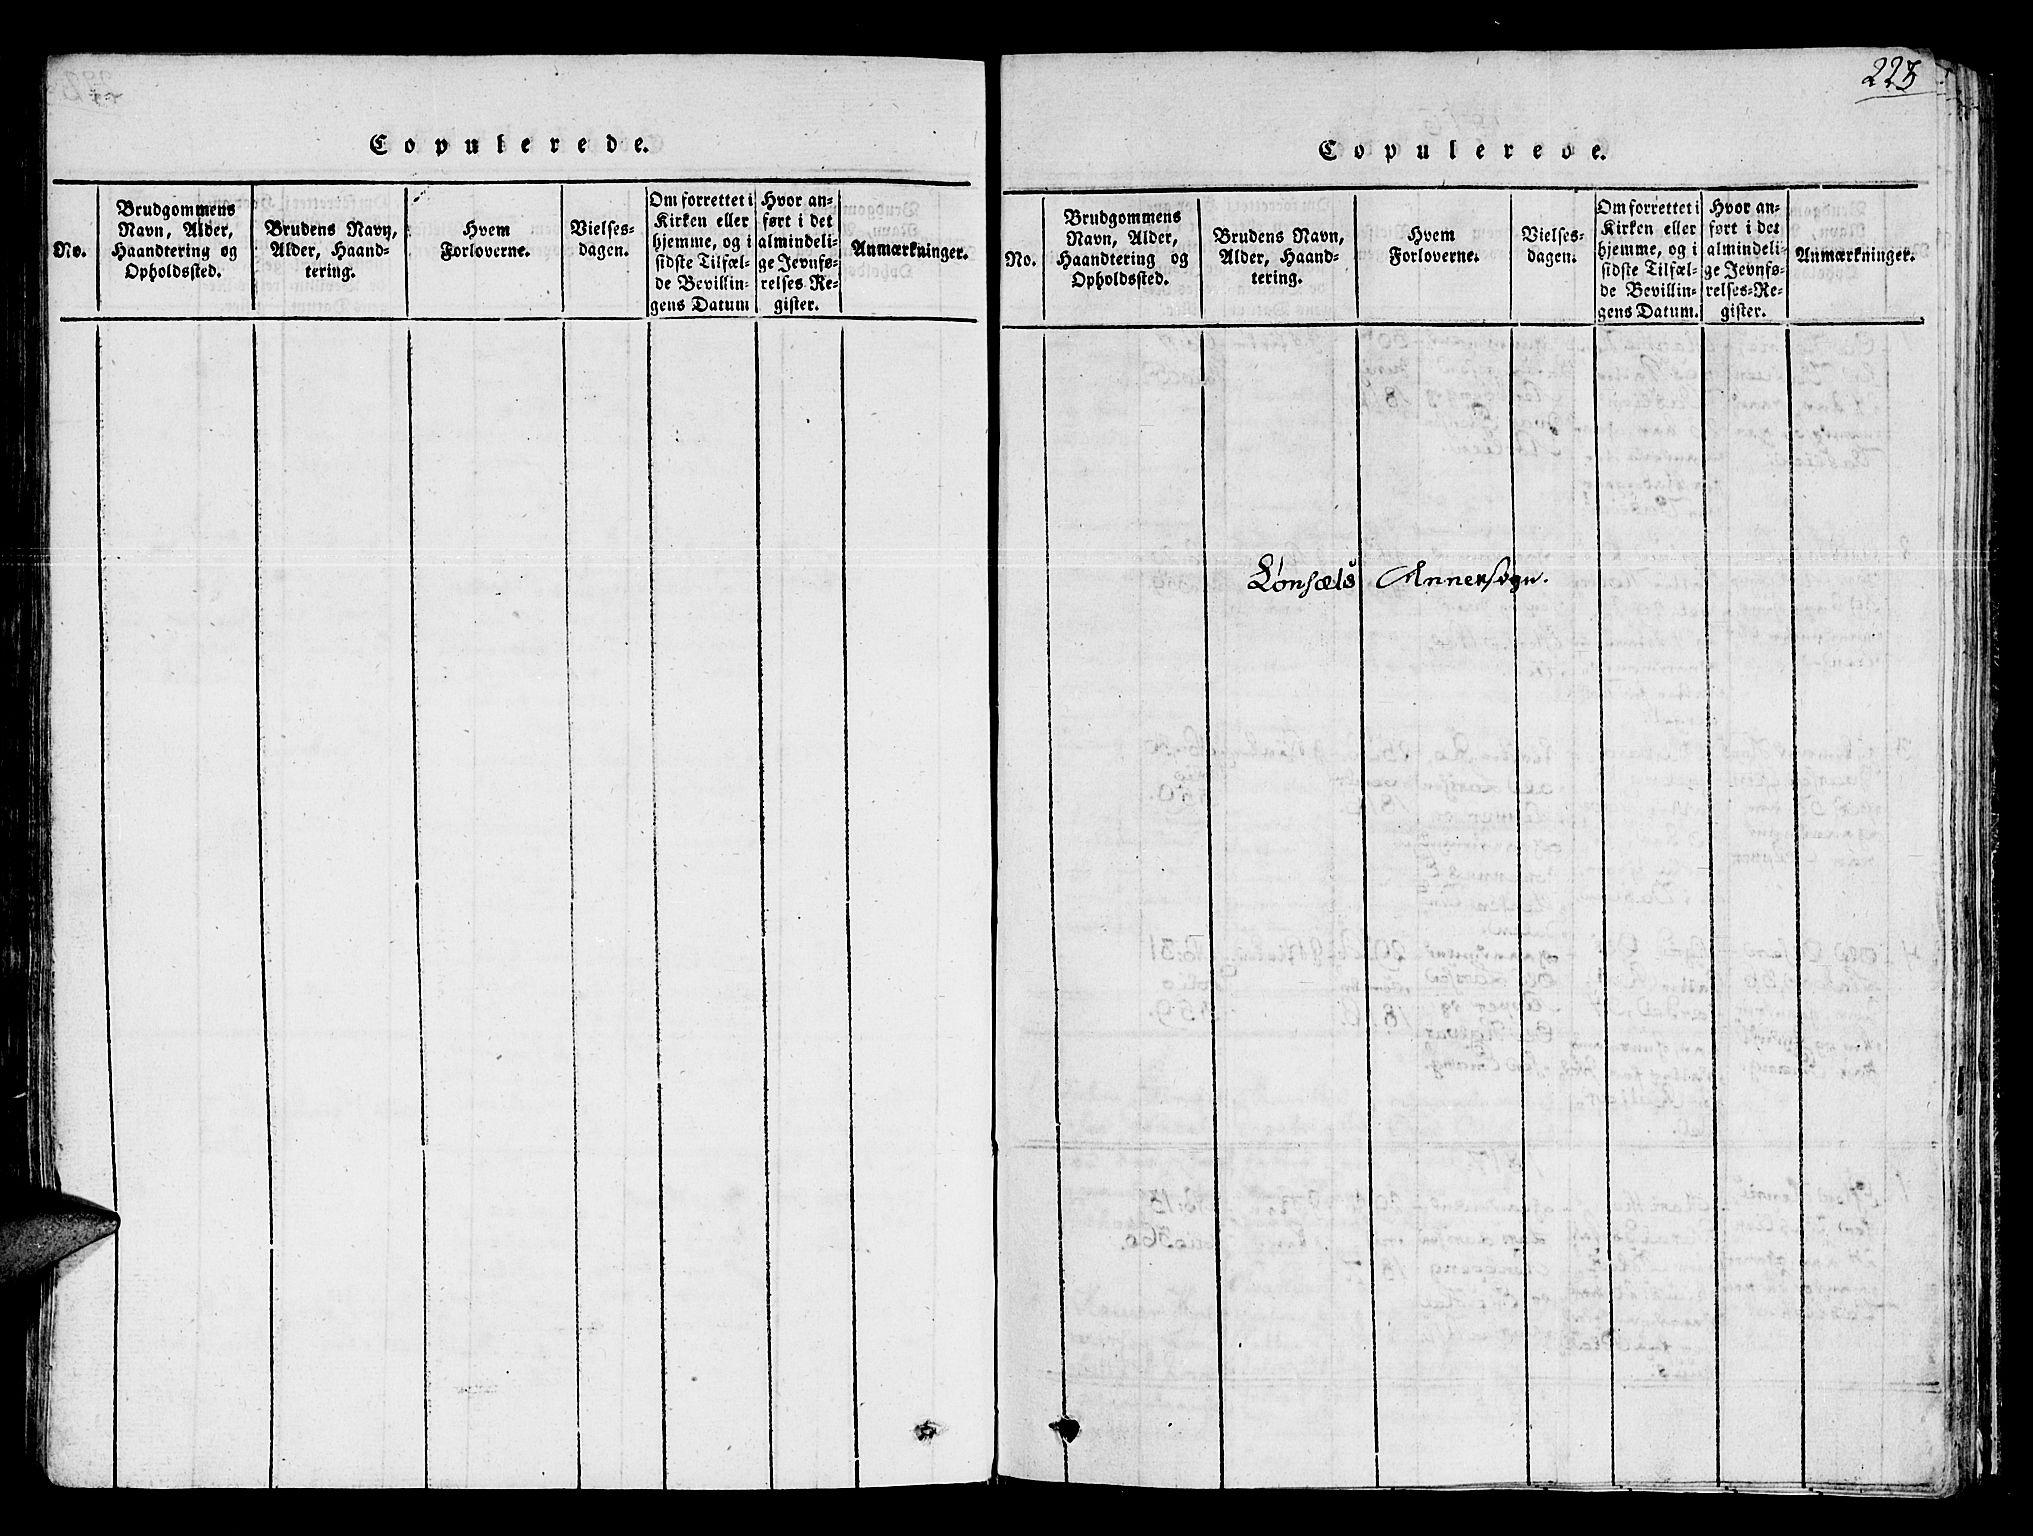 SAT, Ministerialprotokoller, klokkerbøker og fødselsregistre - Sør-Trøndelag, 678/L0896: Ministerialbok nr. 678A05 /2, 1816-1821, s. 223